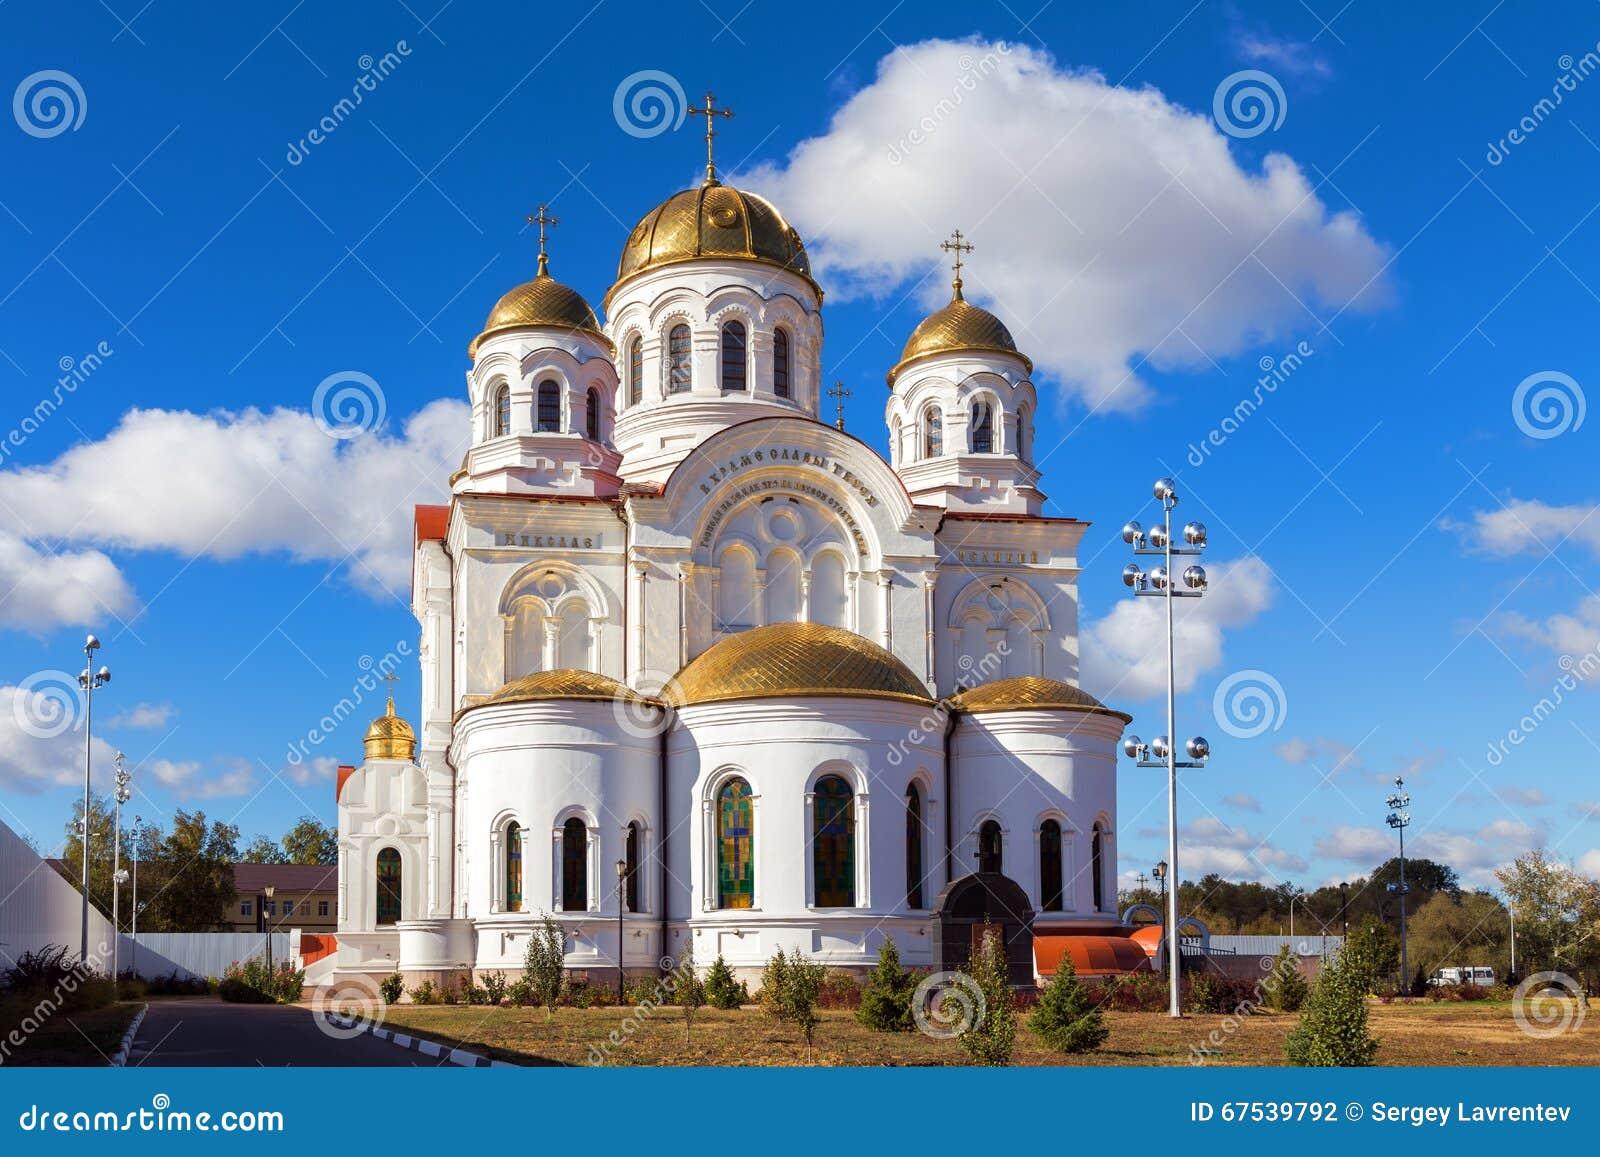 曹f?yal9.':#???+9.?:j?9??.+yki_尼古拉斯大教堂 valuyki 俄国